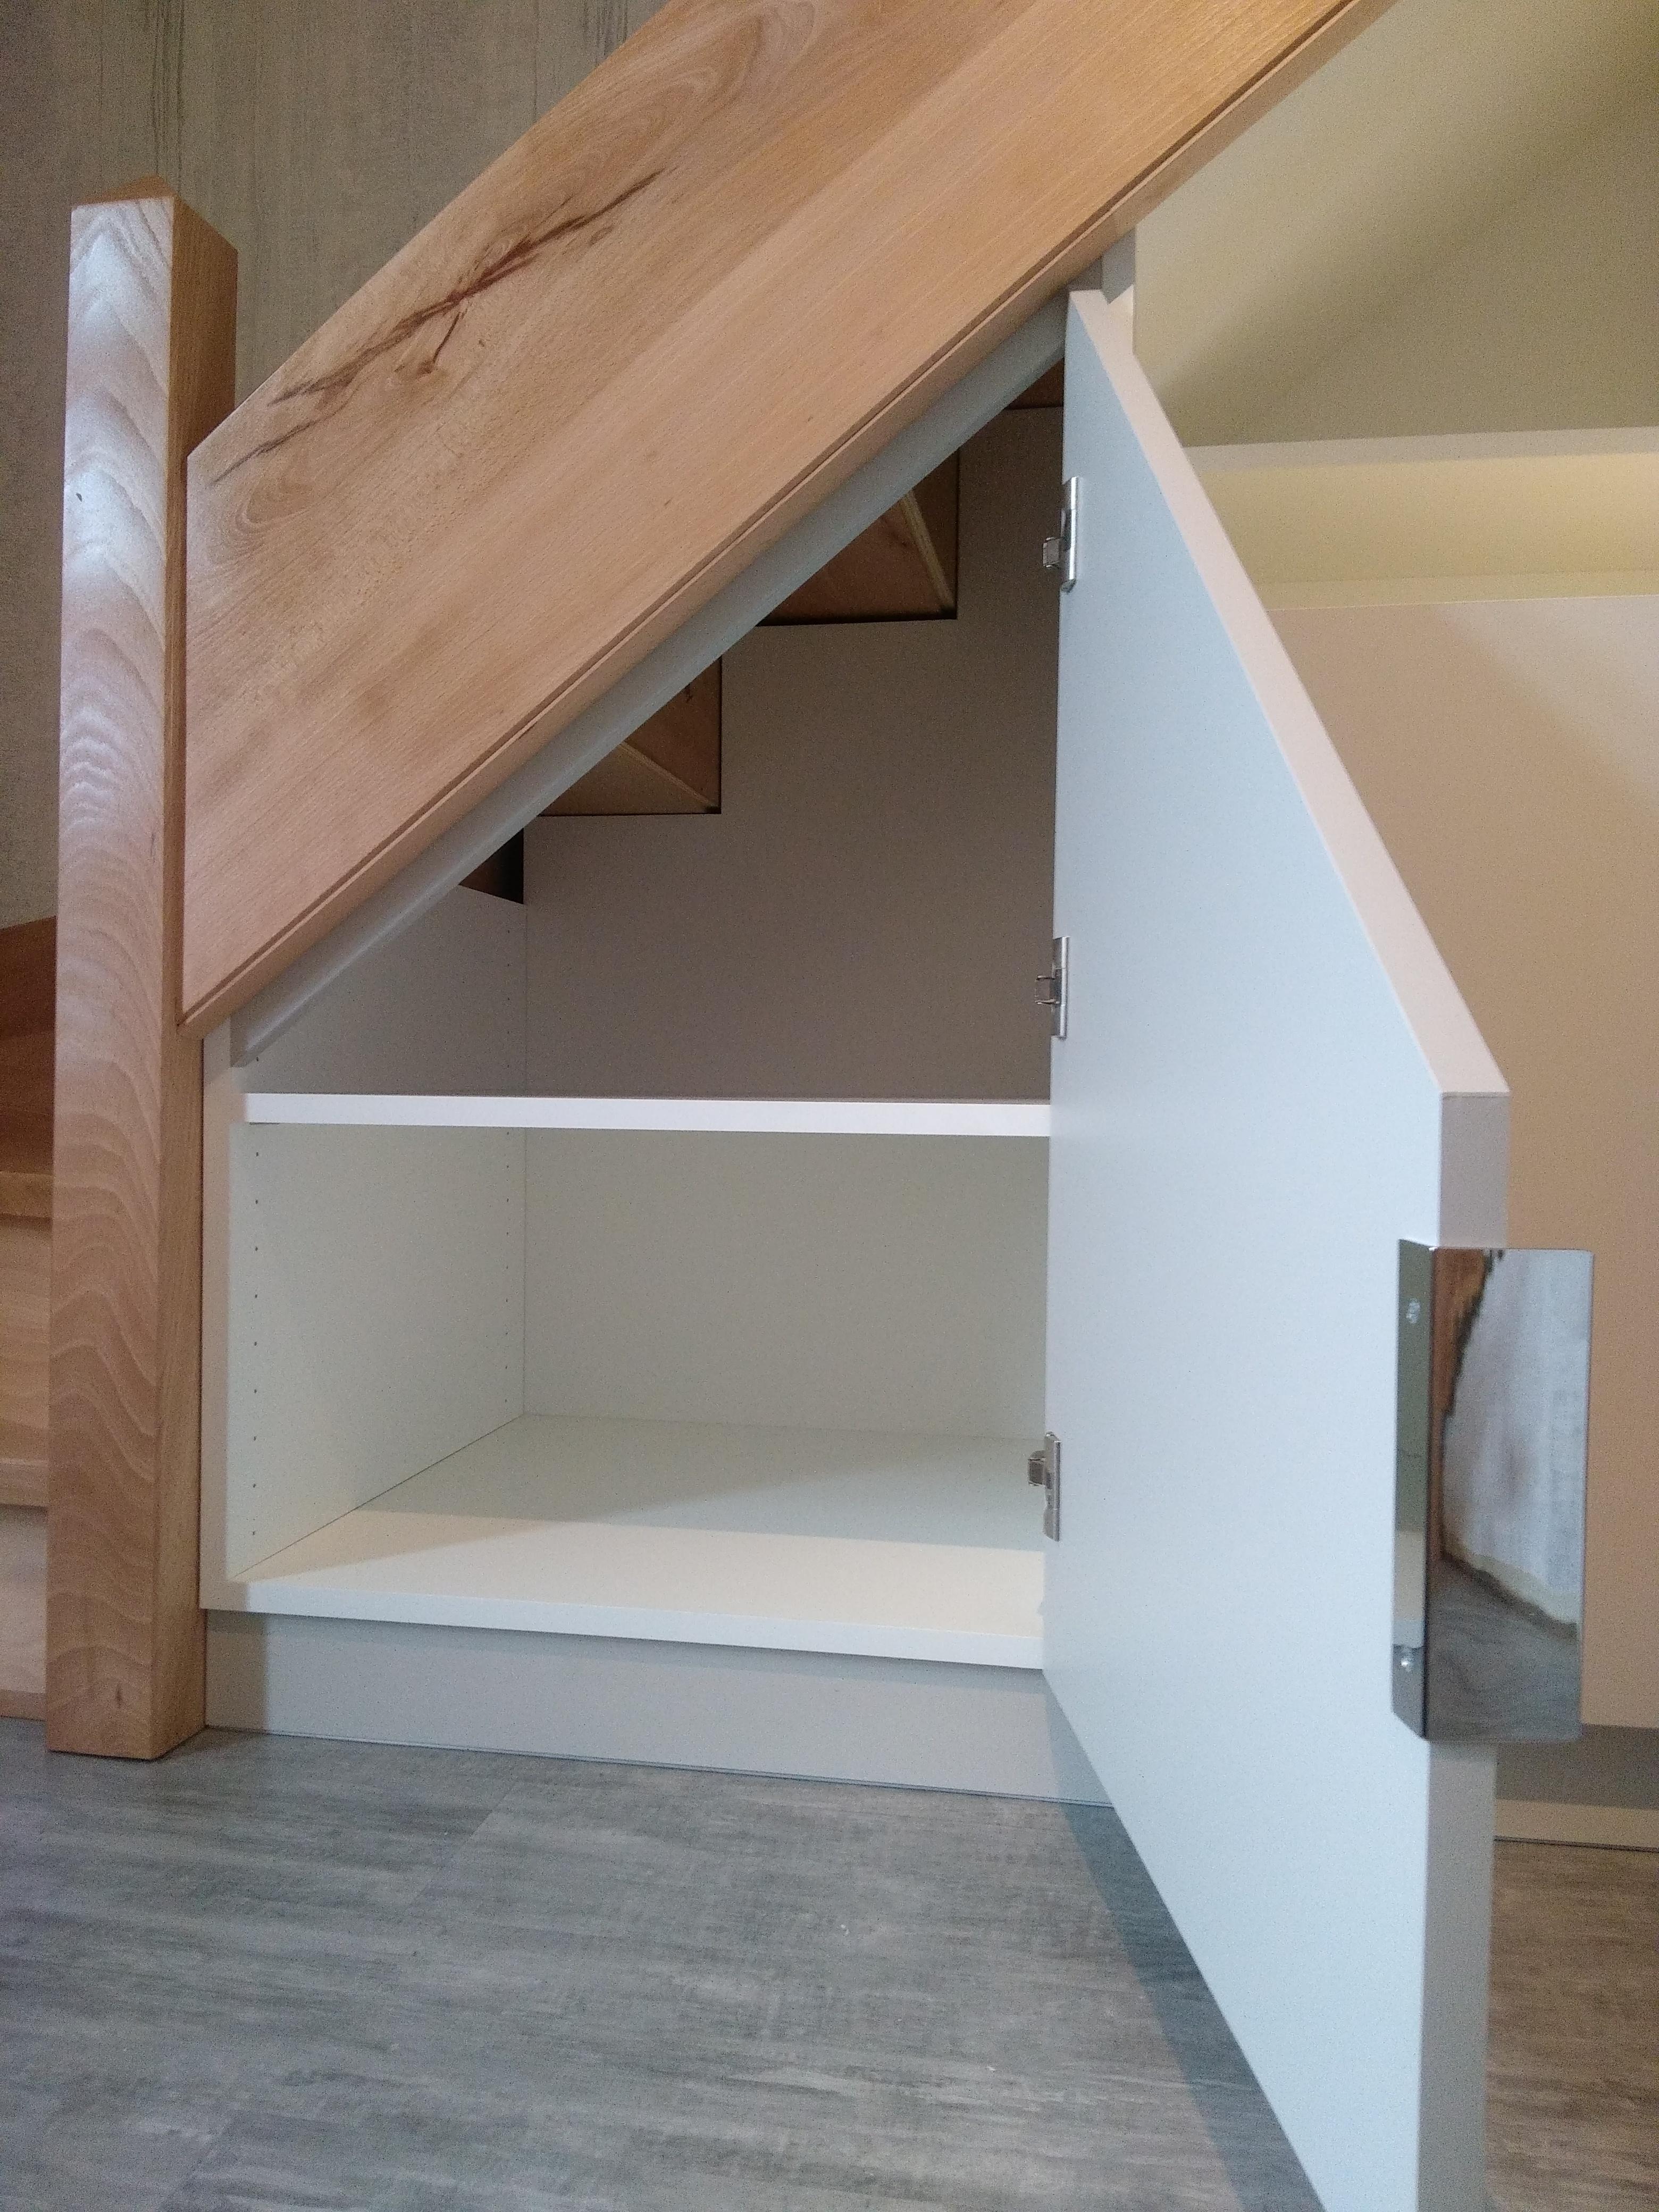 Rangements sous escalier - Kiosque Aménagement